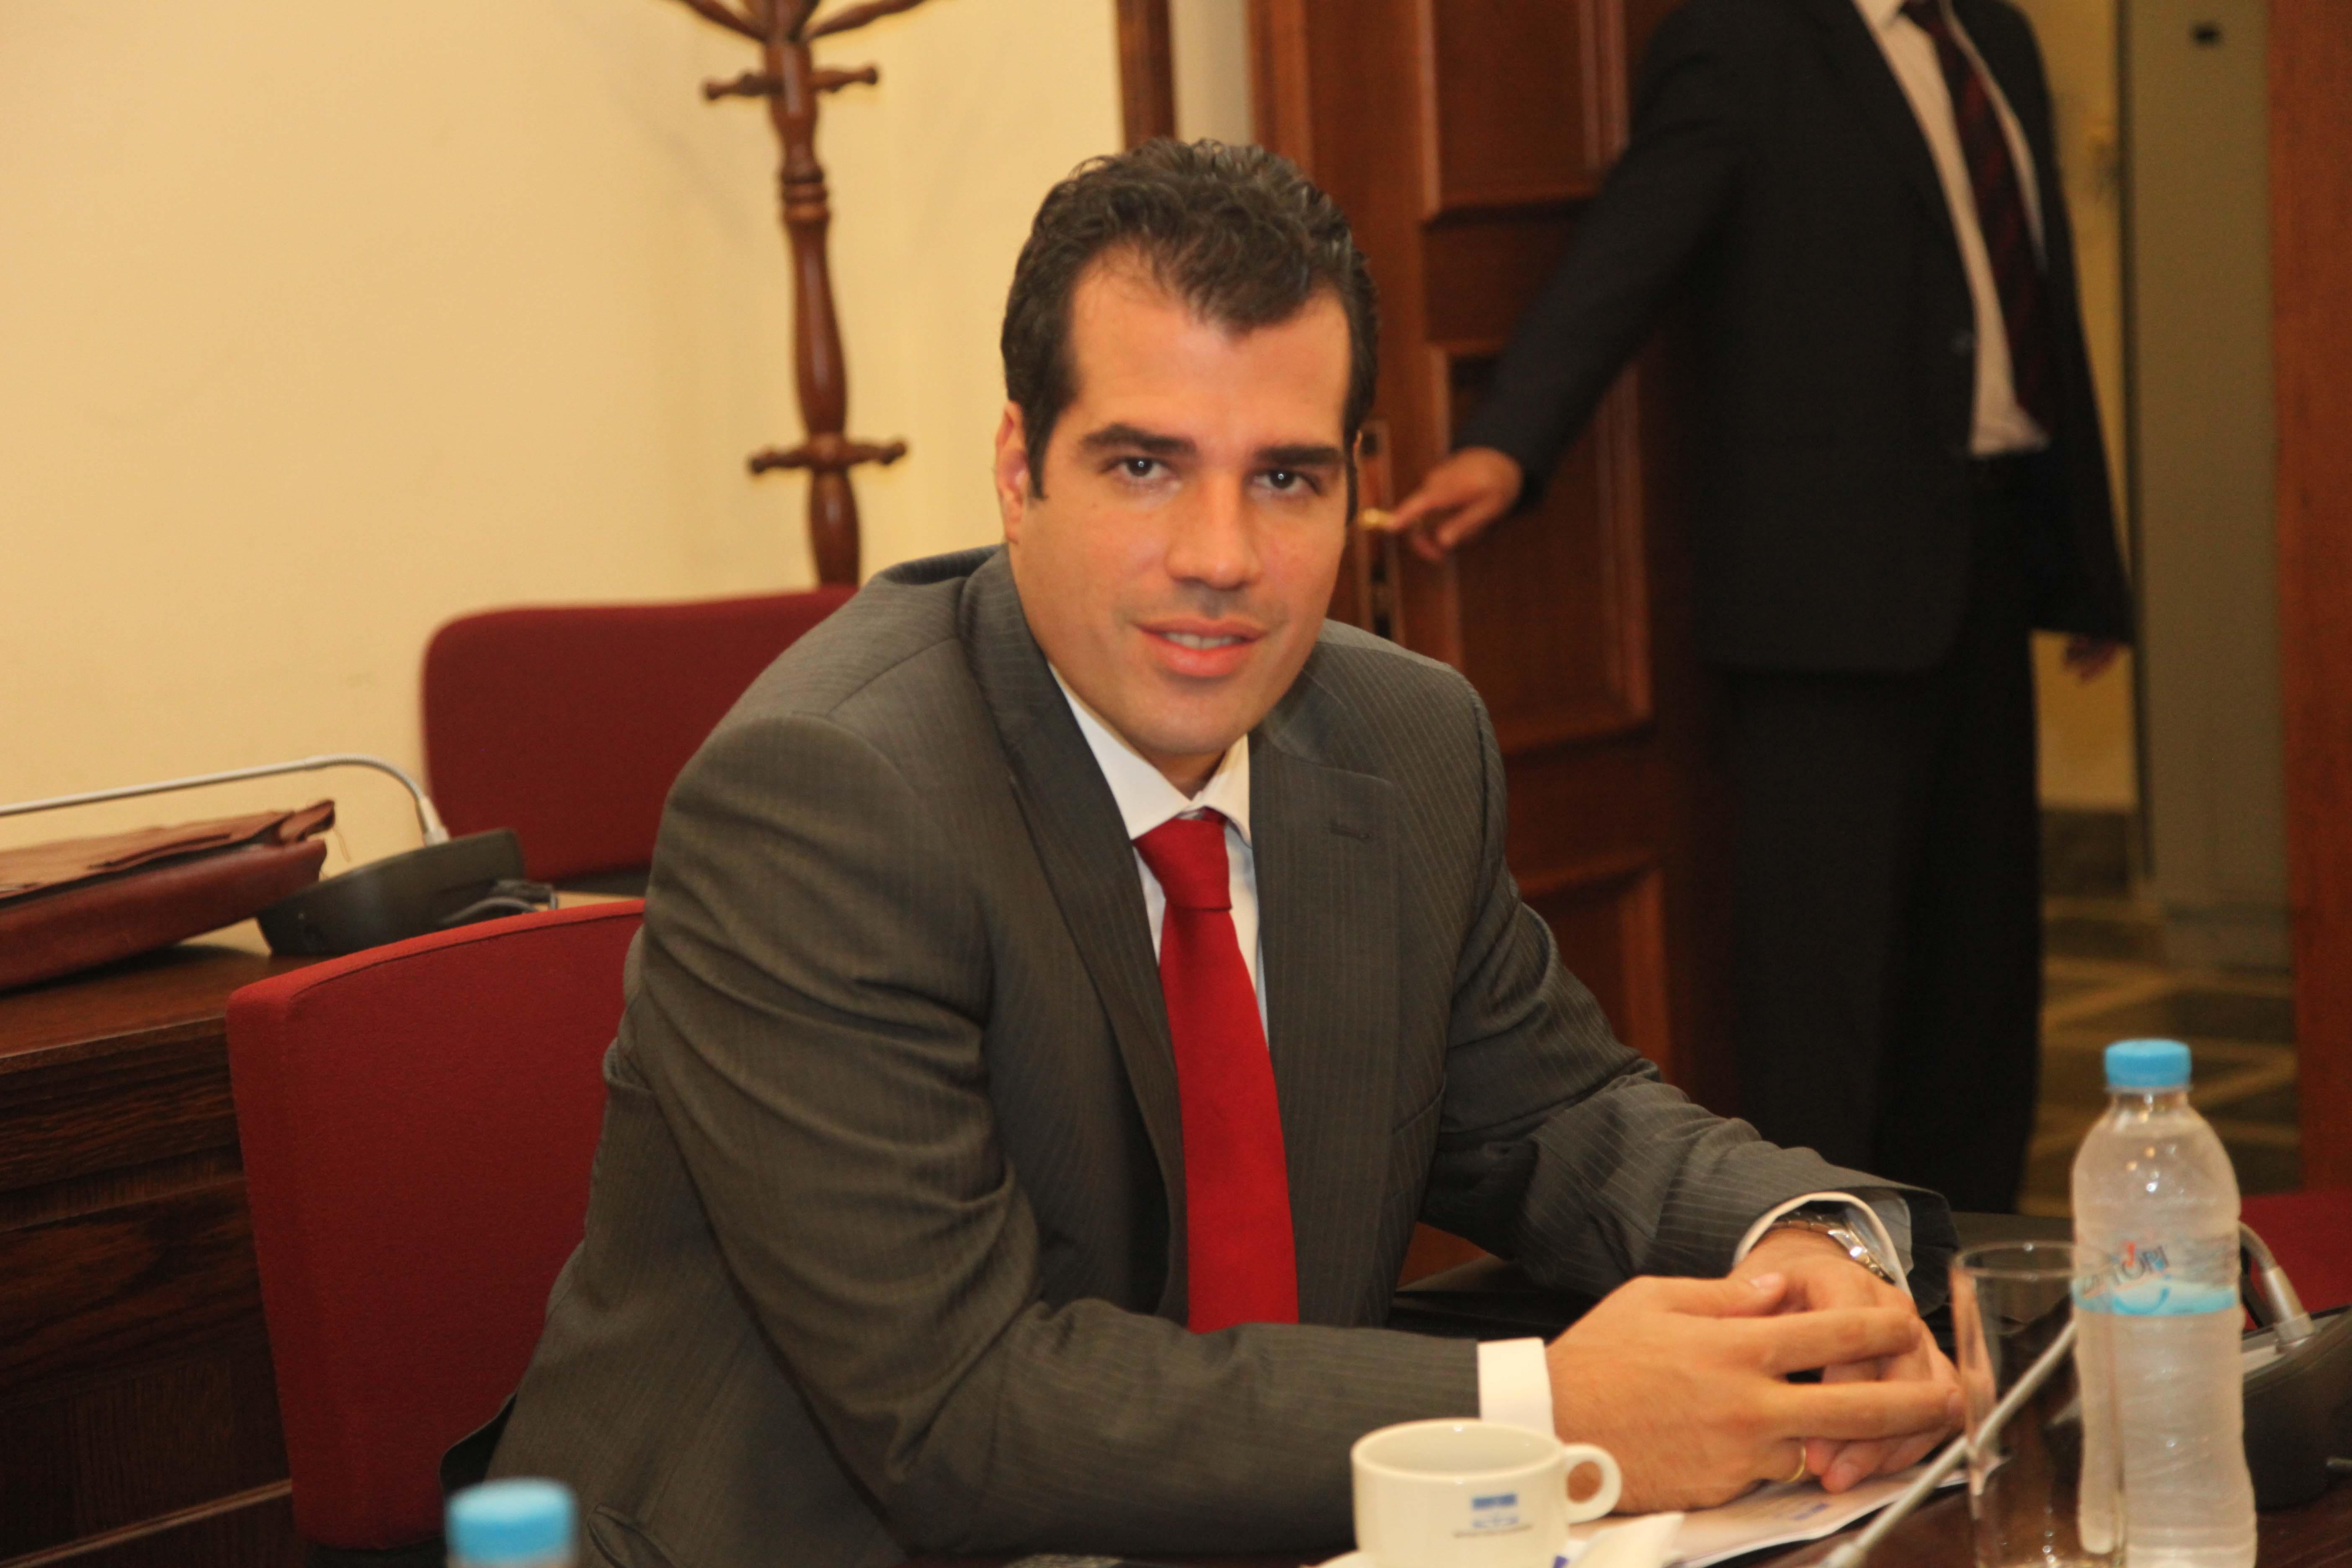 Θ. Πλεύρης: Ορκίστηκε και ανέλαβε κοινοβουλευτικά καθήκοντα | tovima.gr